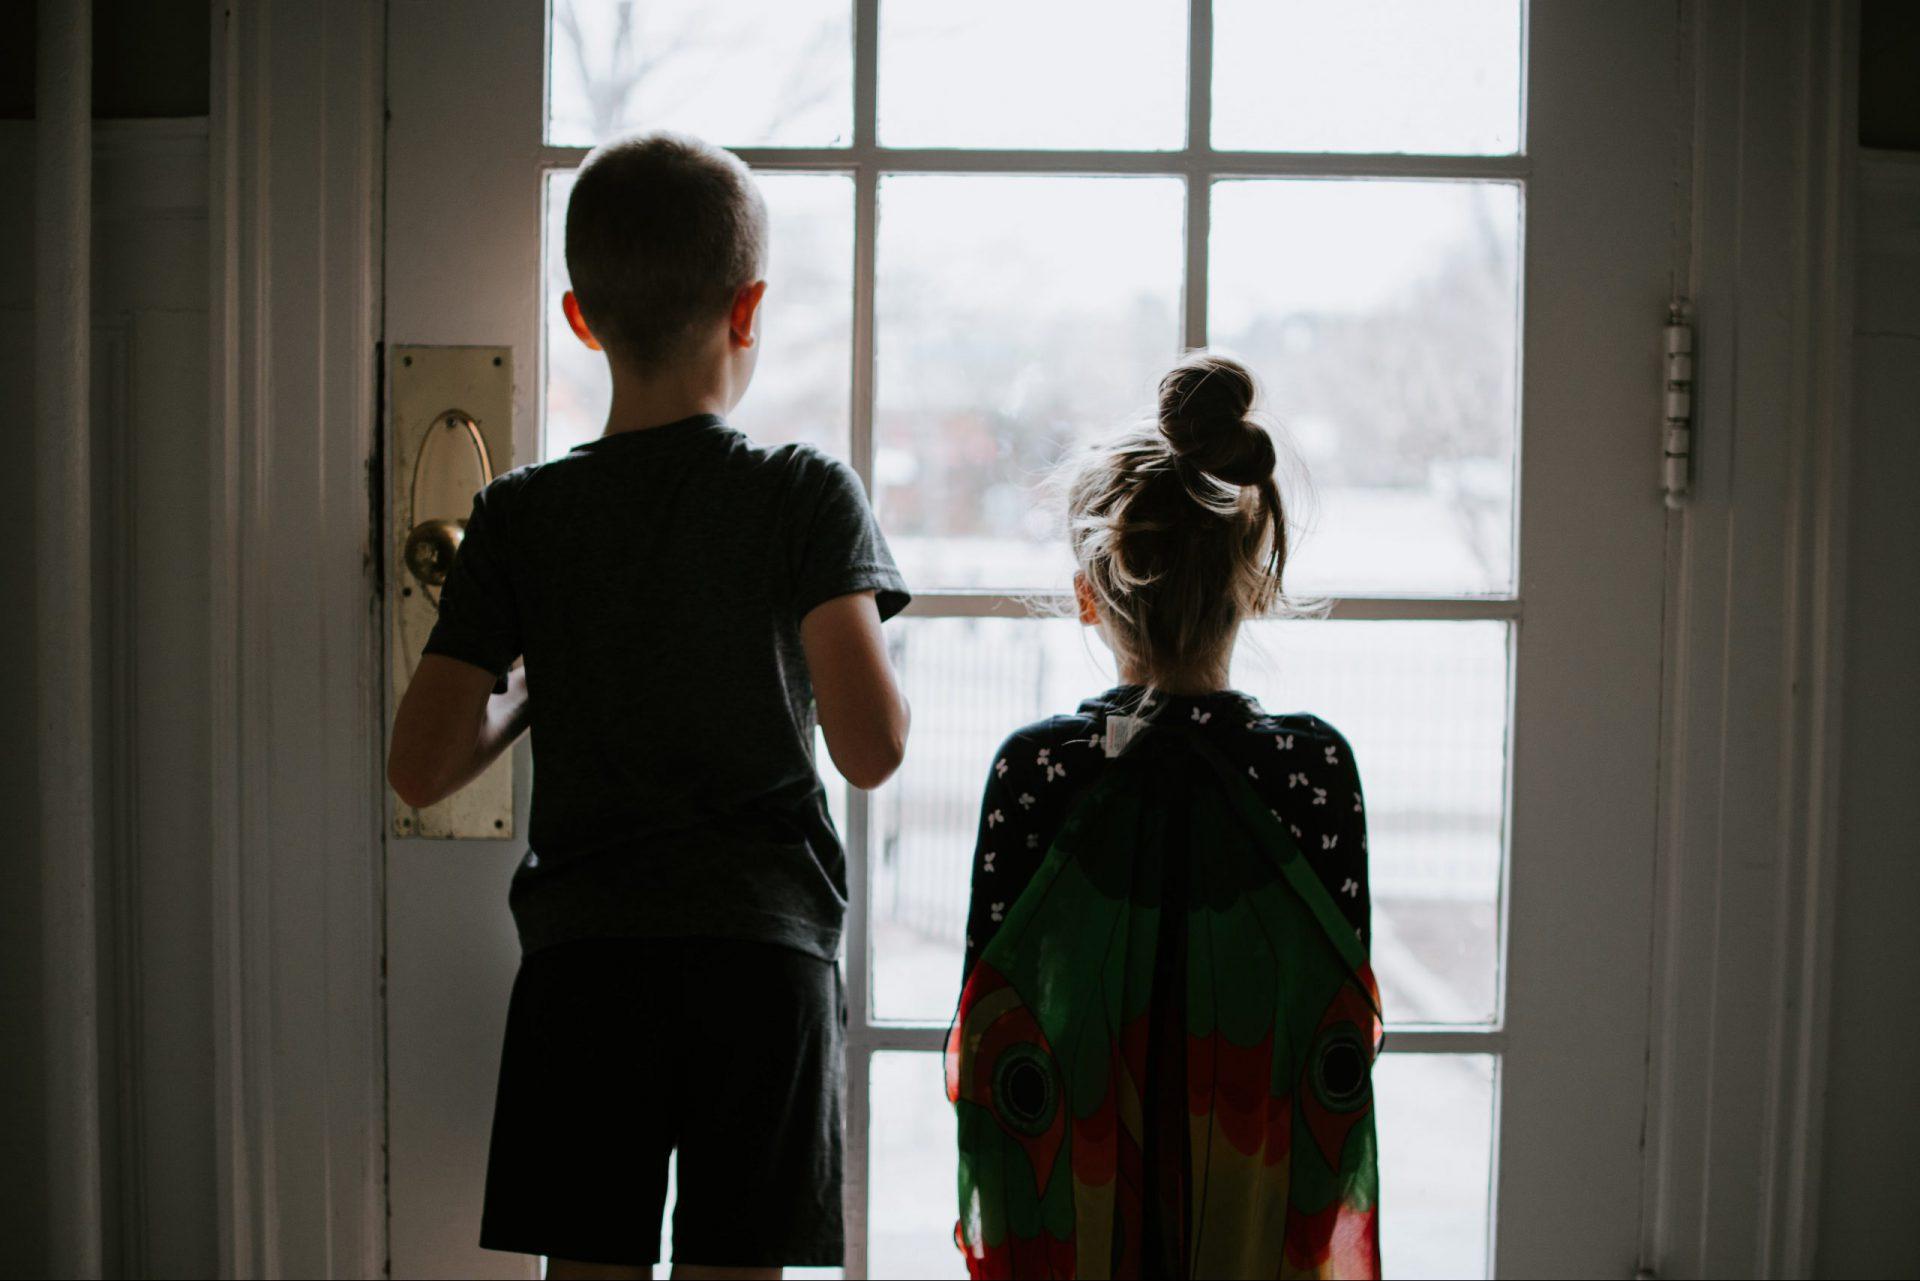 Rückenansicht eines Jungen und eines Mädchens, die vor einer verschlossenen Terrassentür stehen